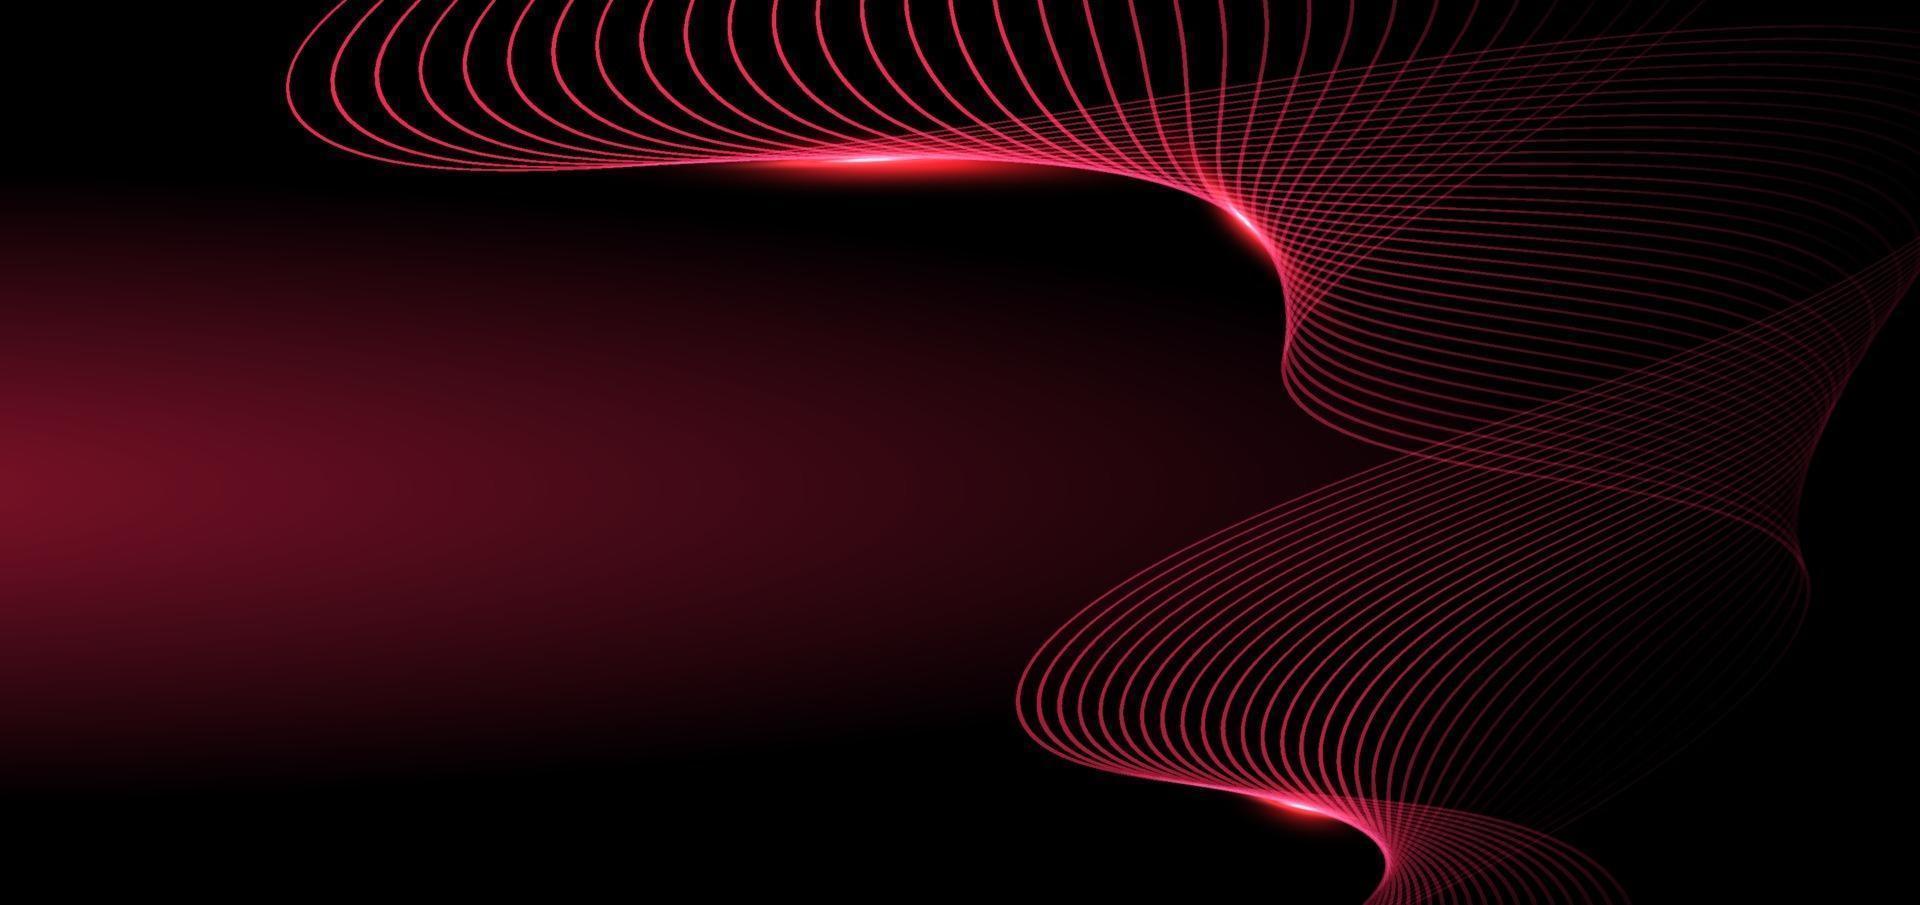 abstrakte glühende Welle rote Linien auf dunklem Hintergrund. Technologiekonzept. vektor